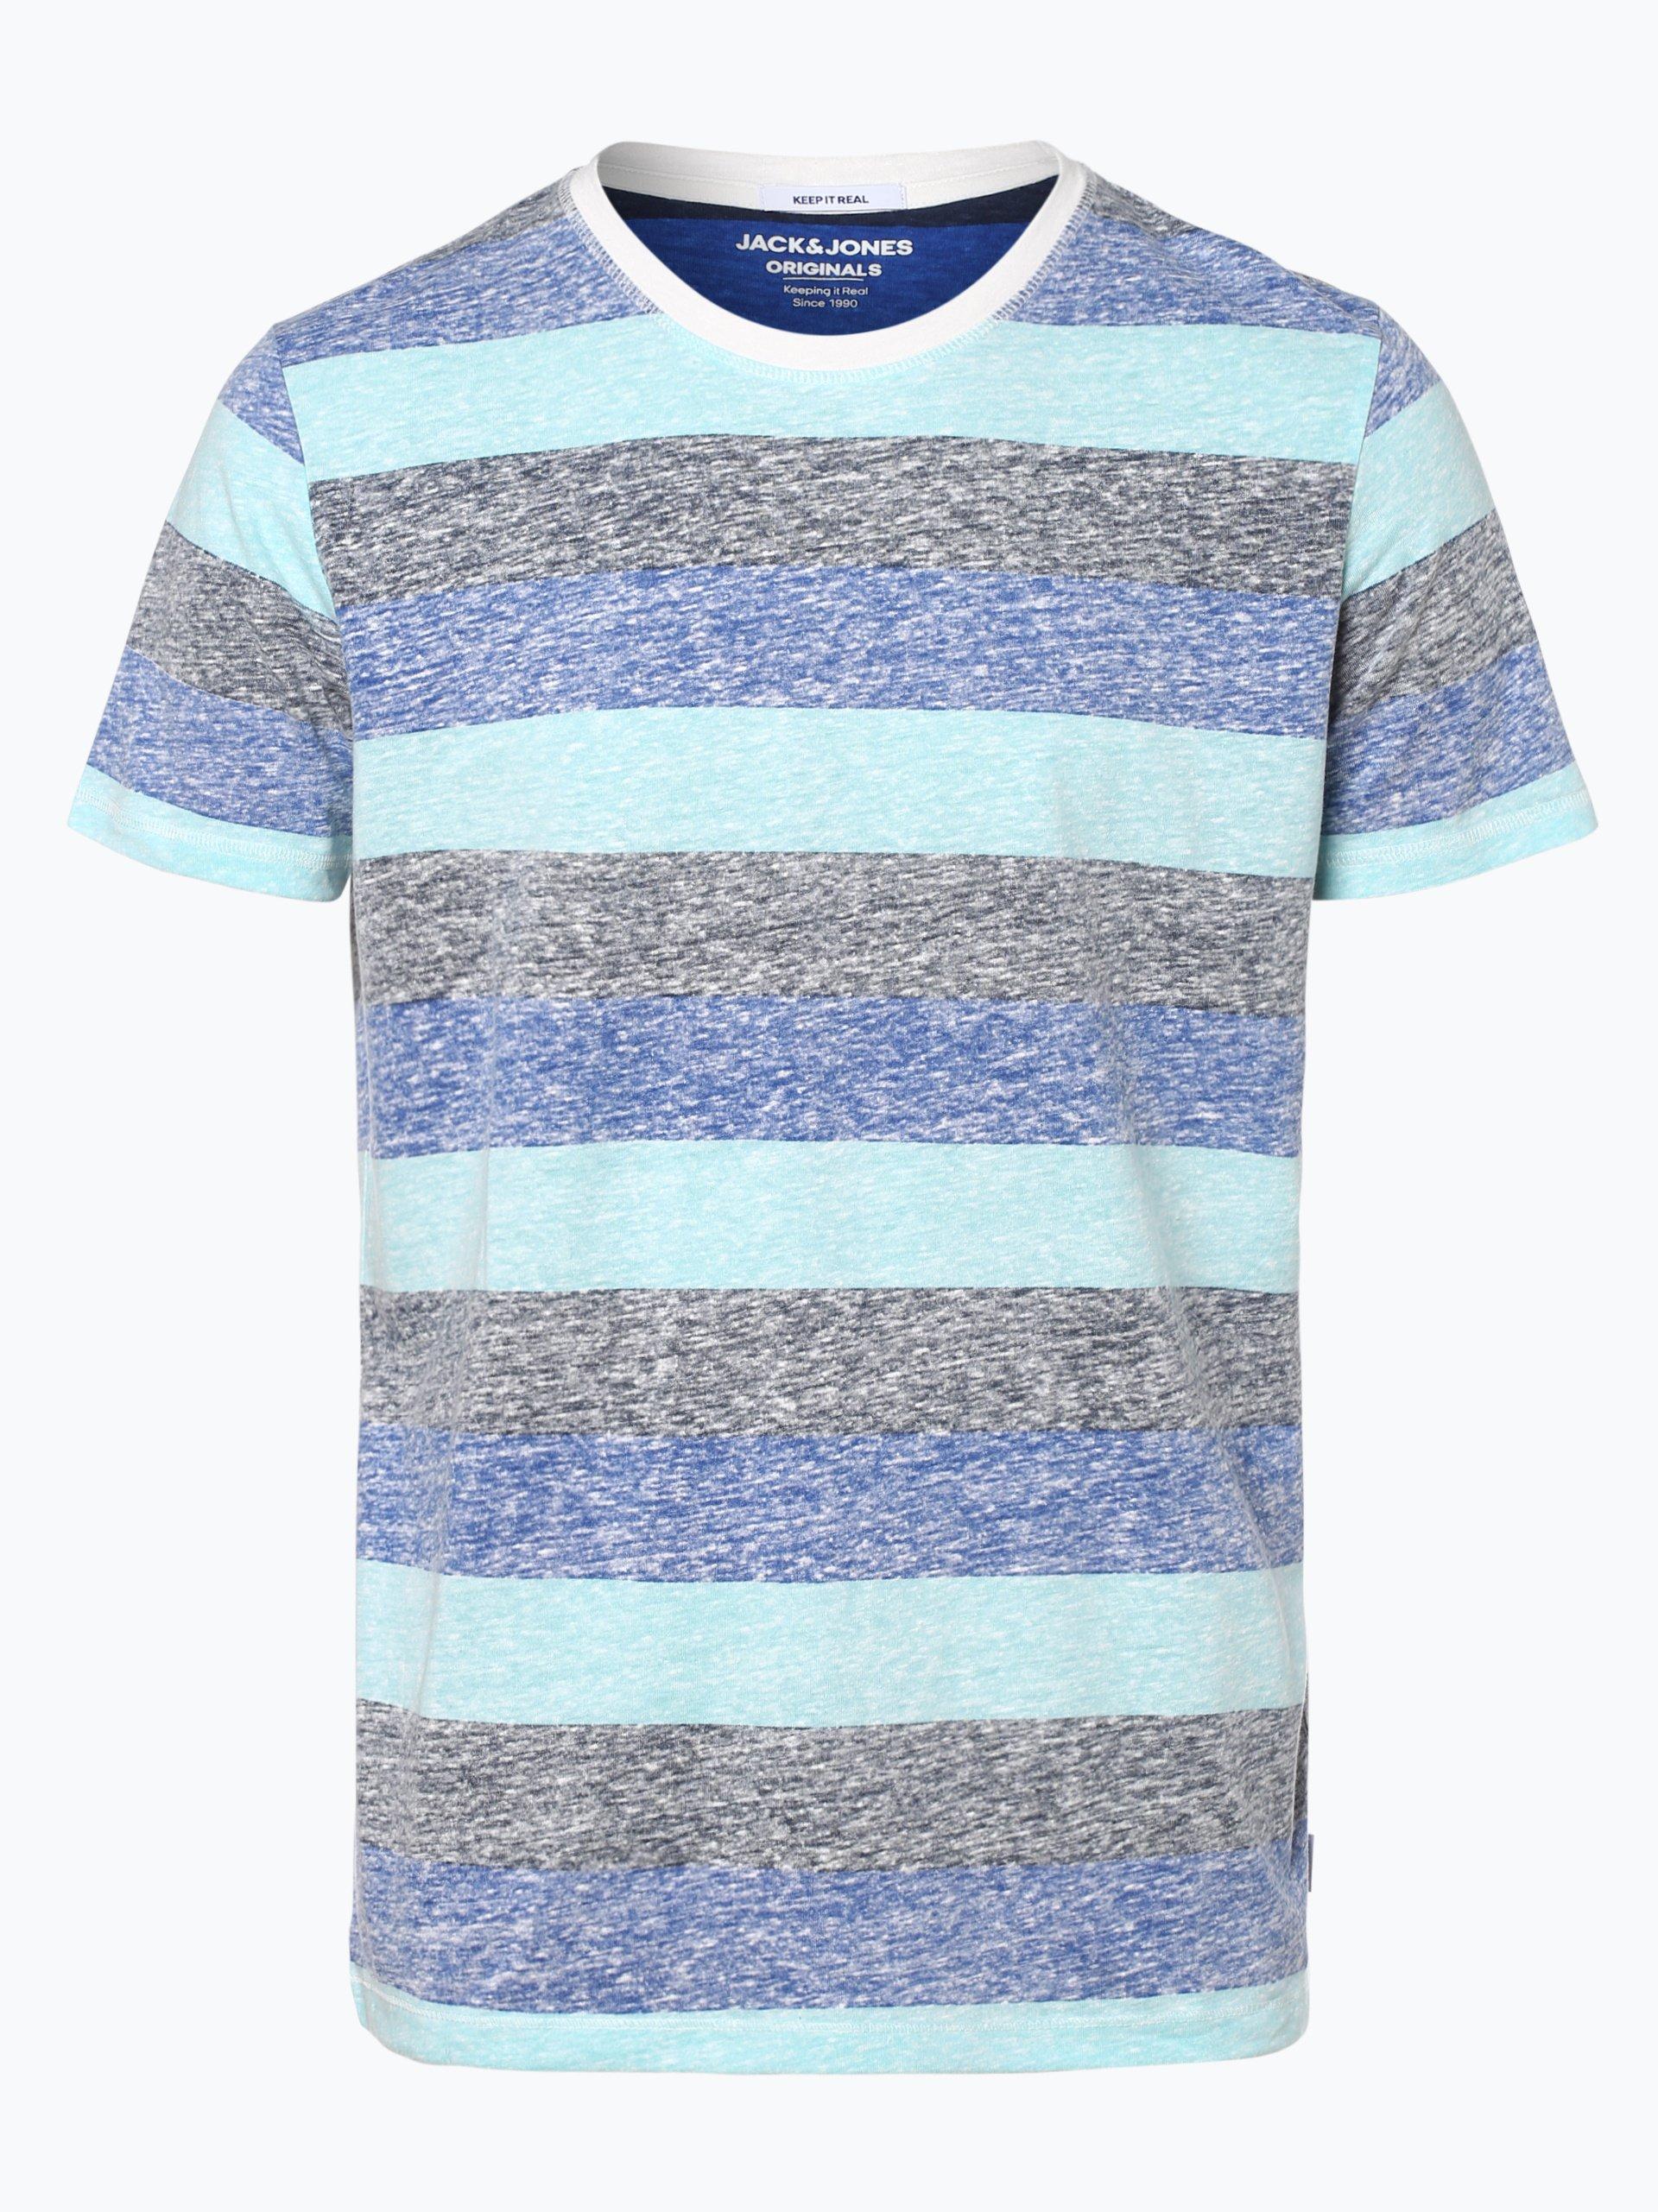 Jack & Jones T-shirt męski – Jorsider